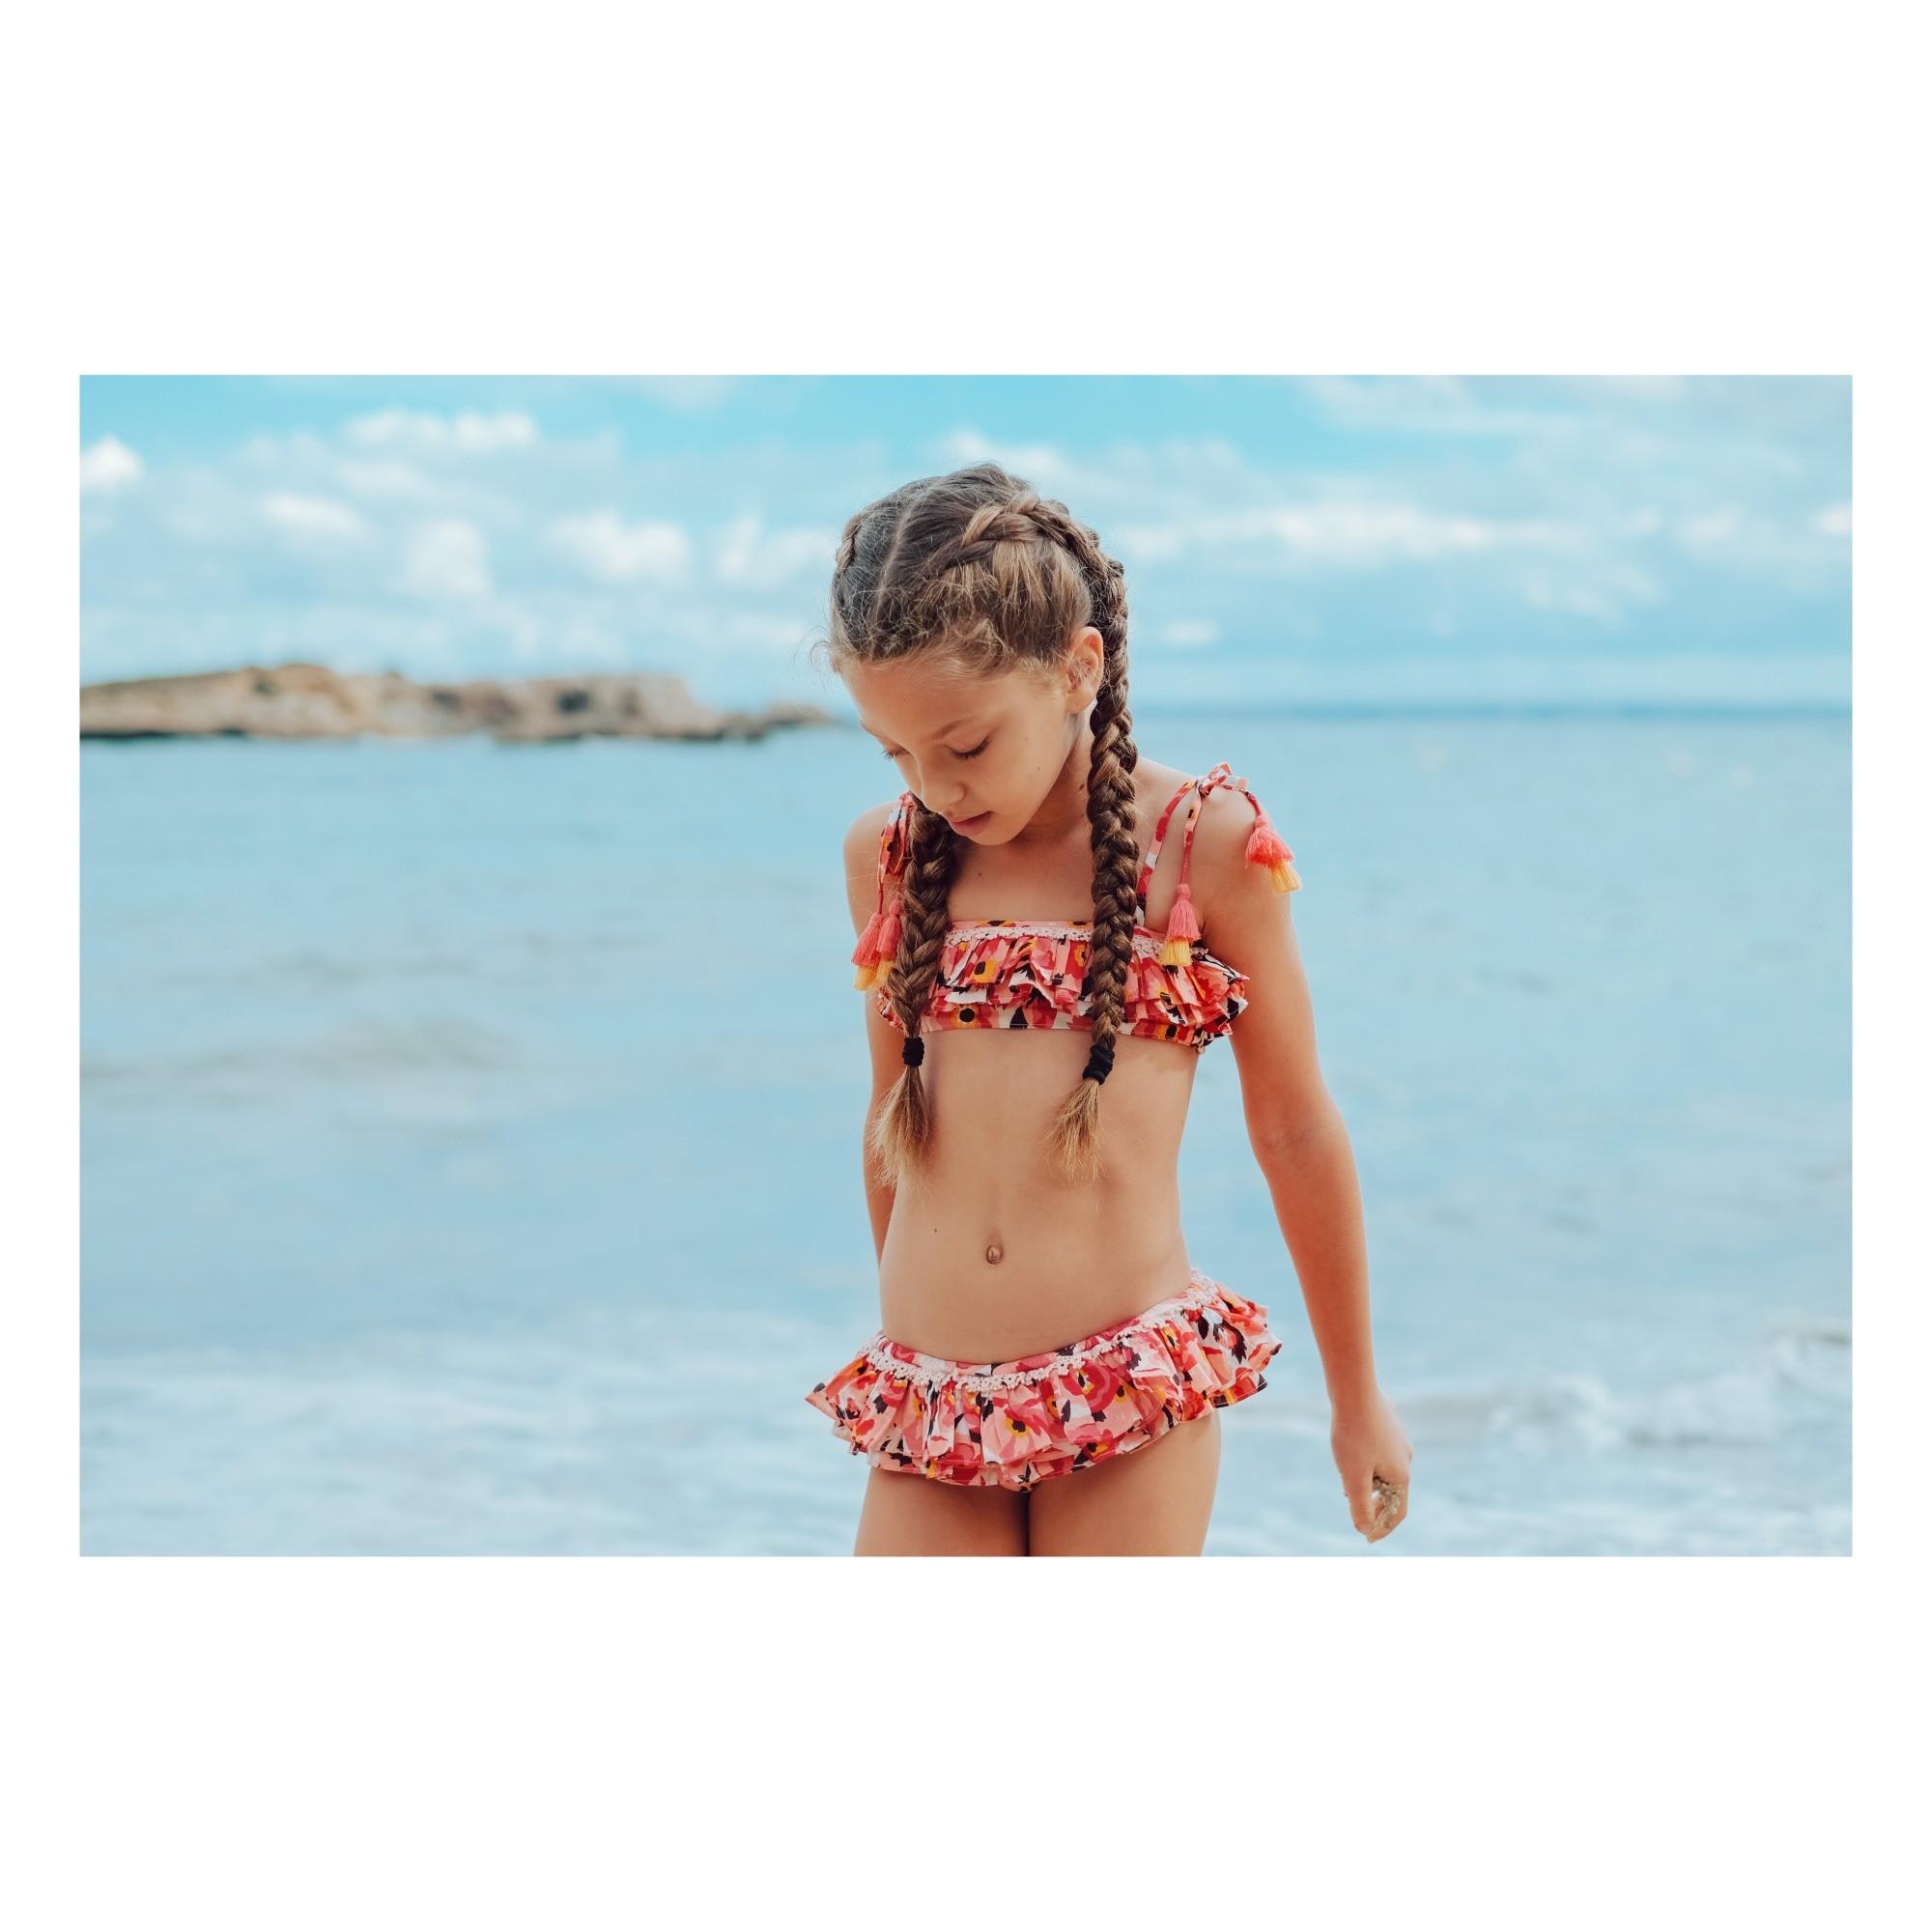 coco-swimsuit-bikini